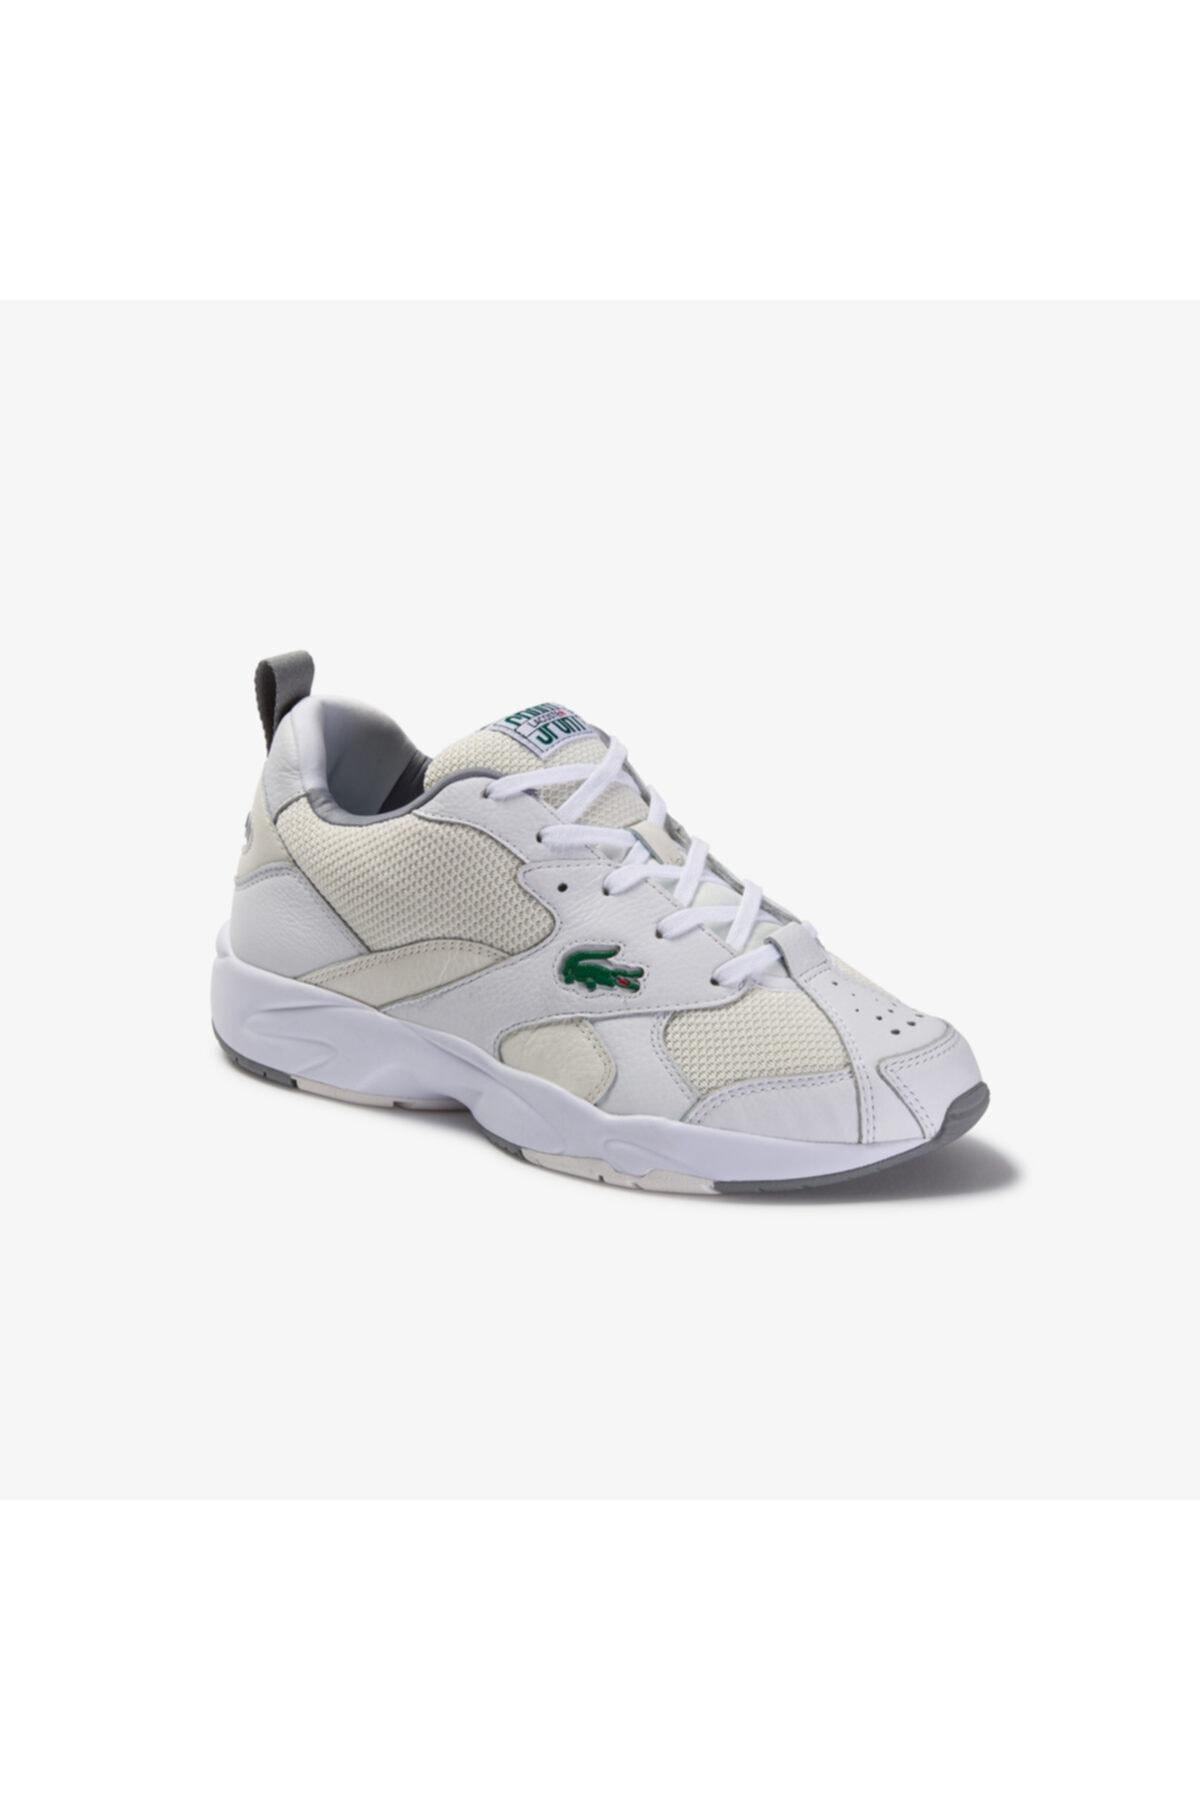 فروش کفش اسپرت مردانه فانتزی برند لاگوست lacoste کد ty35557193